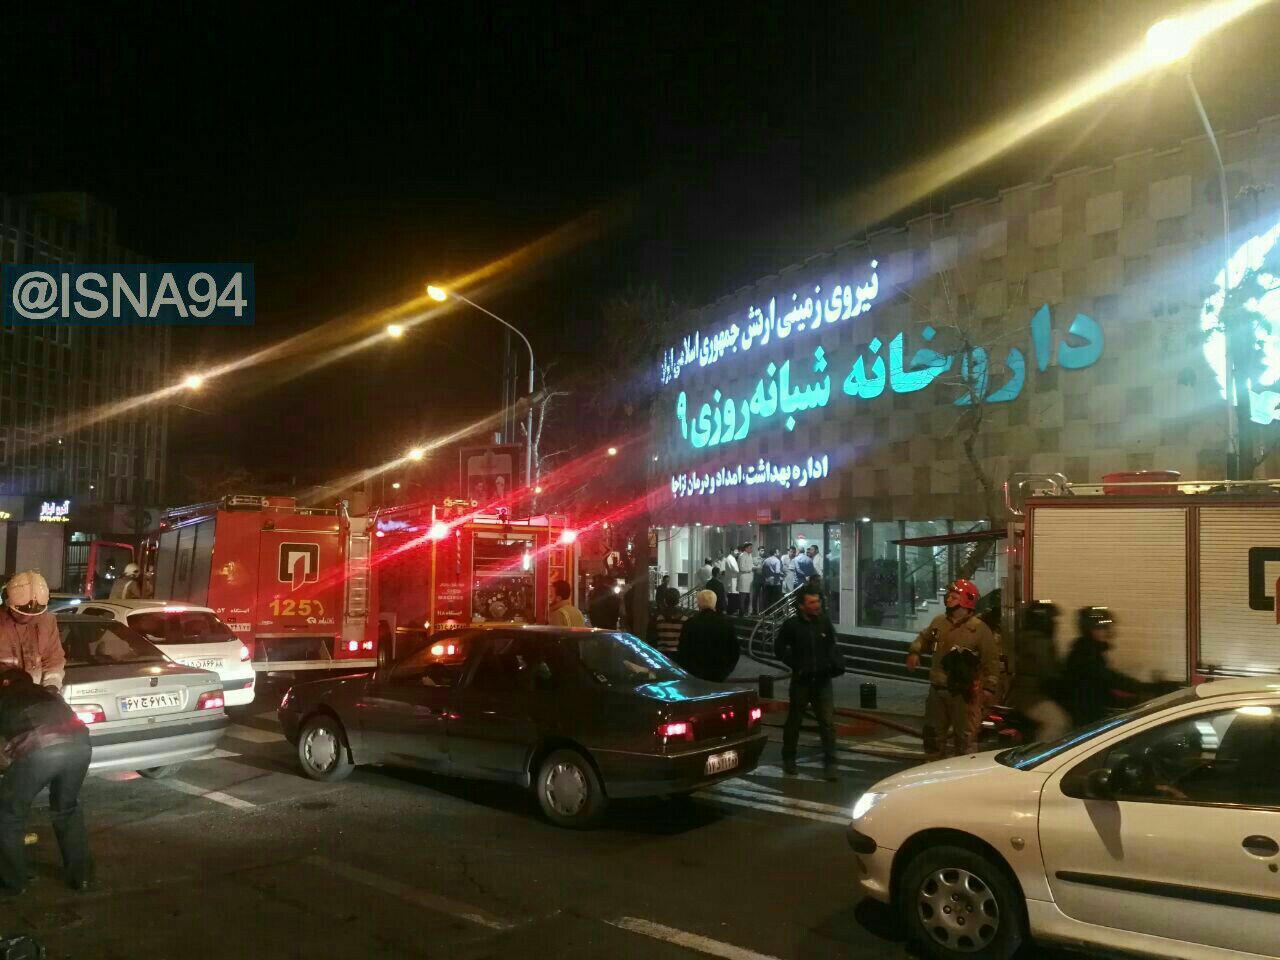 آتشسوزی در داروخانه 29 فروردین تهران (عکس)